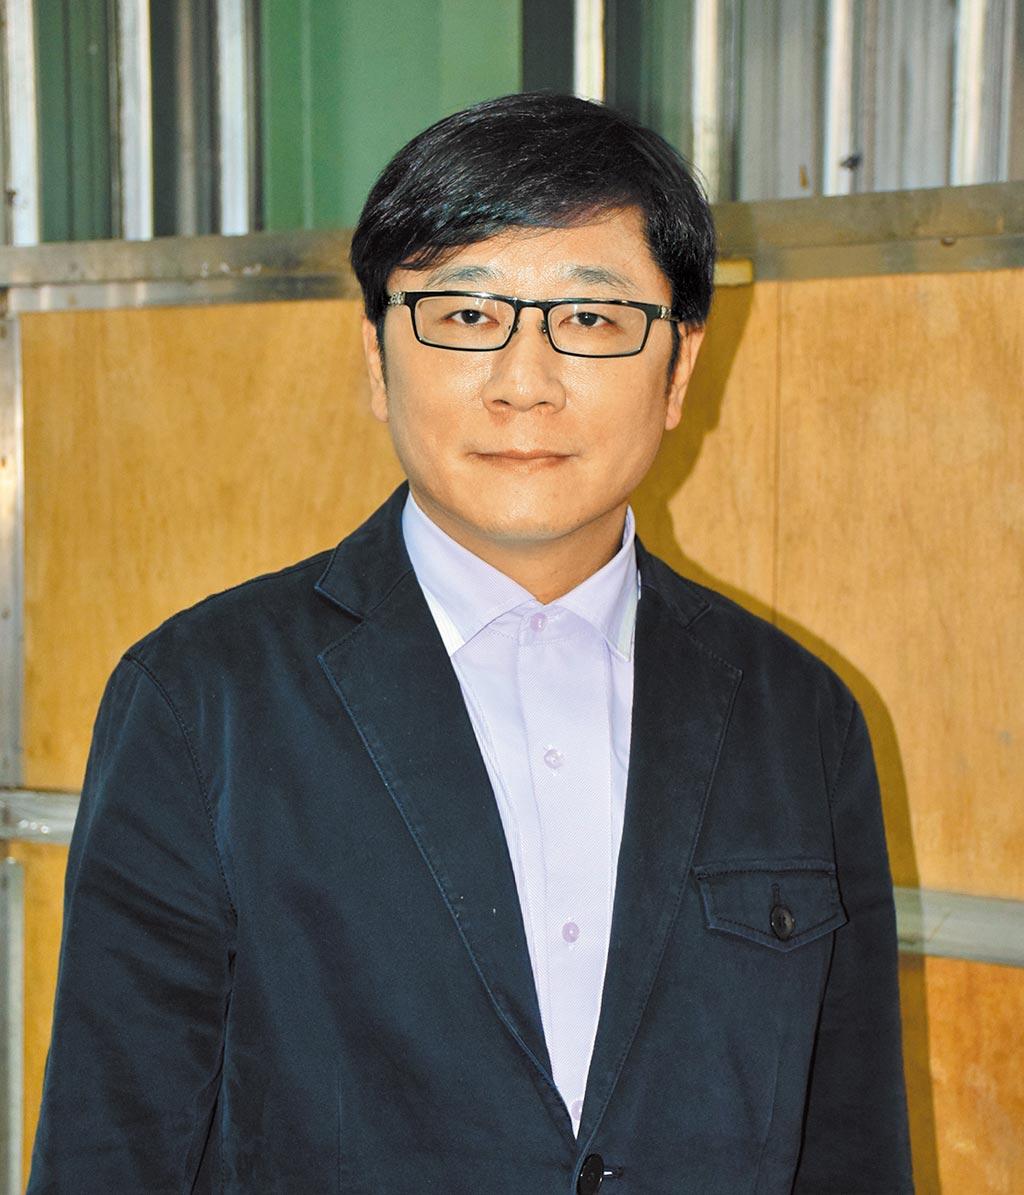 趙正宇(本報資料照片)